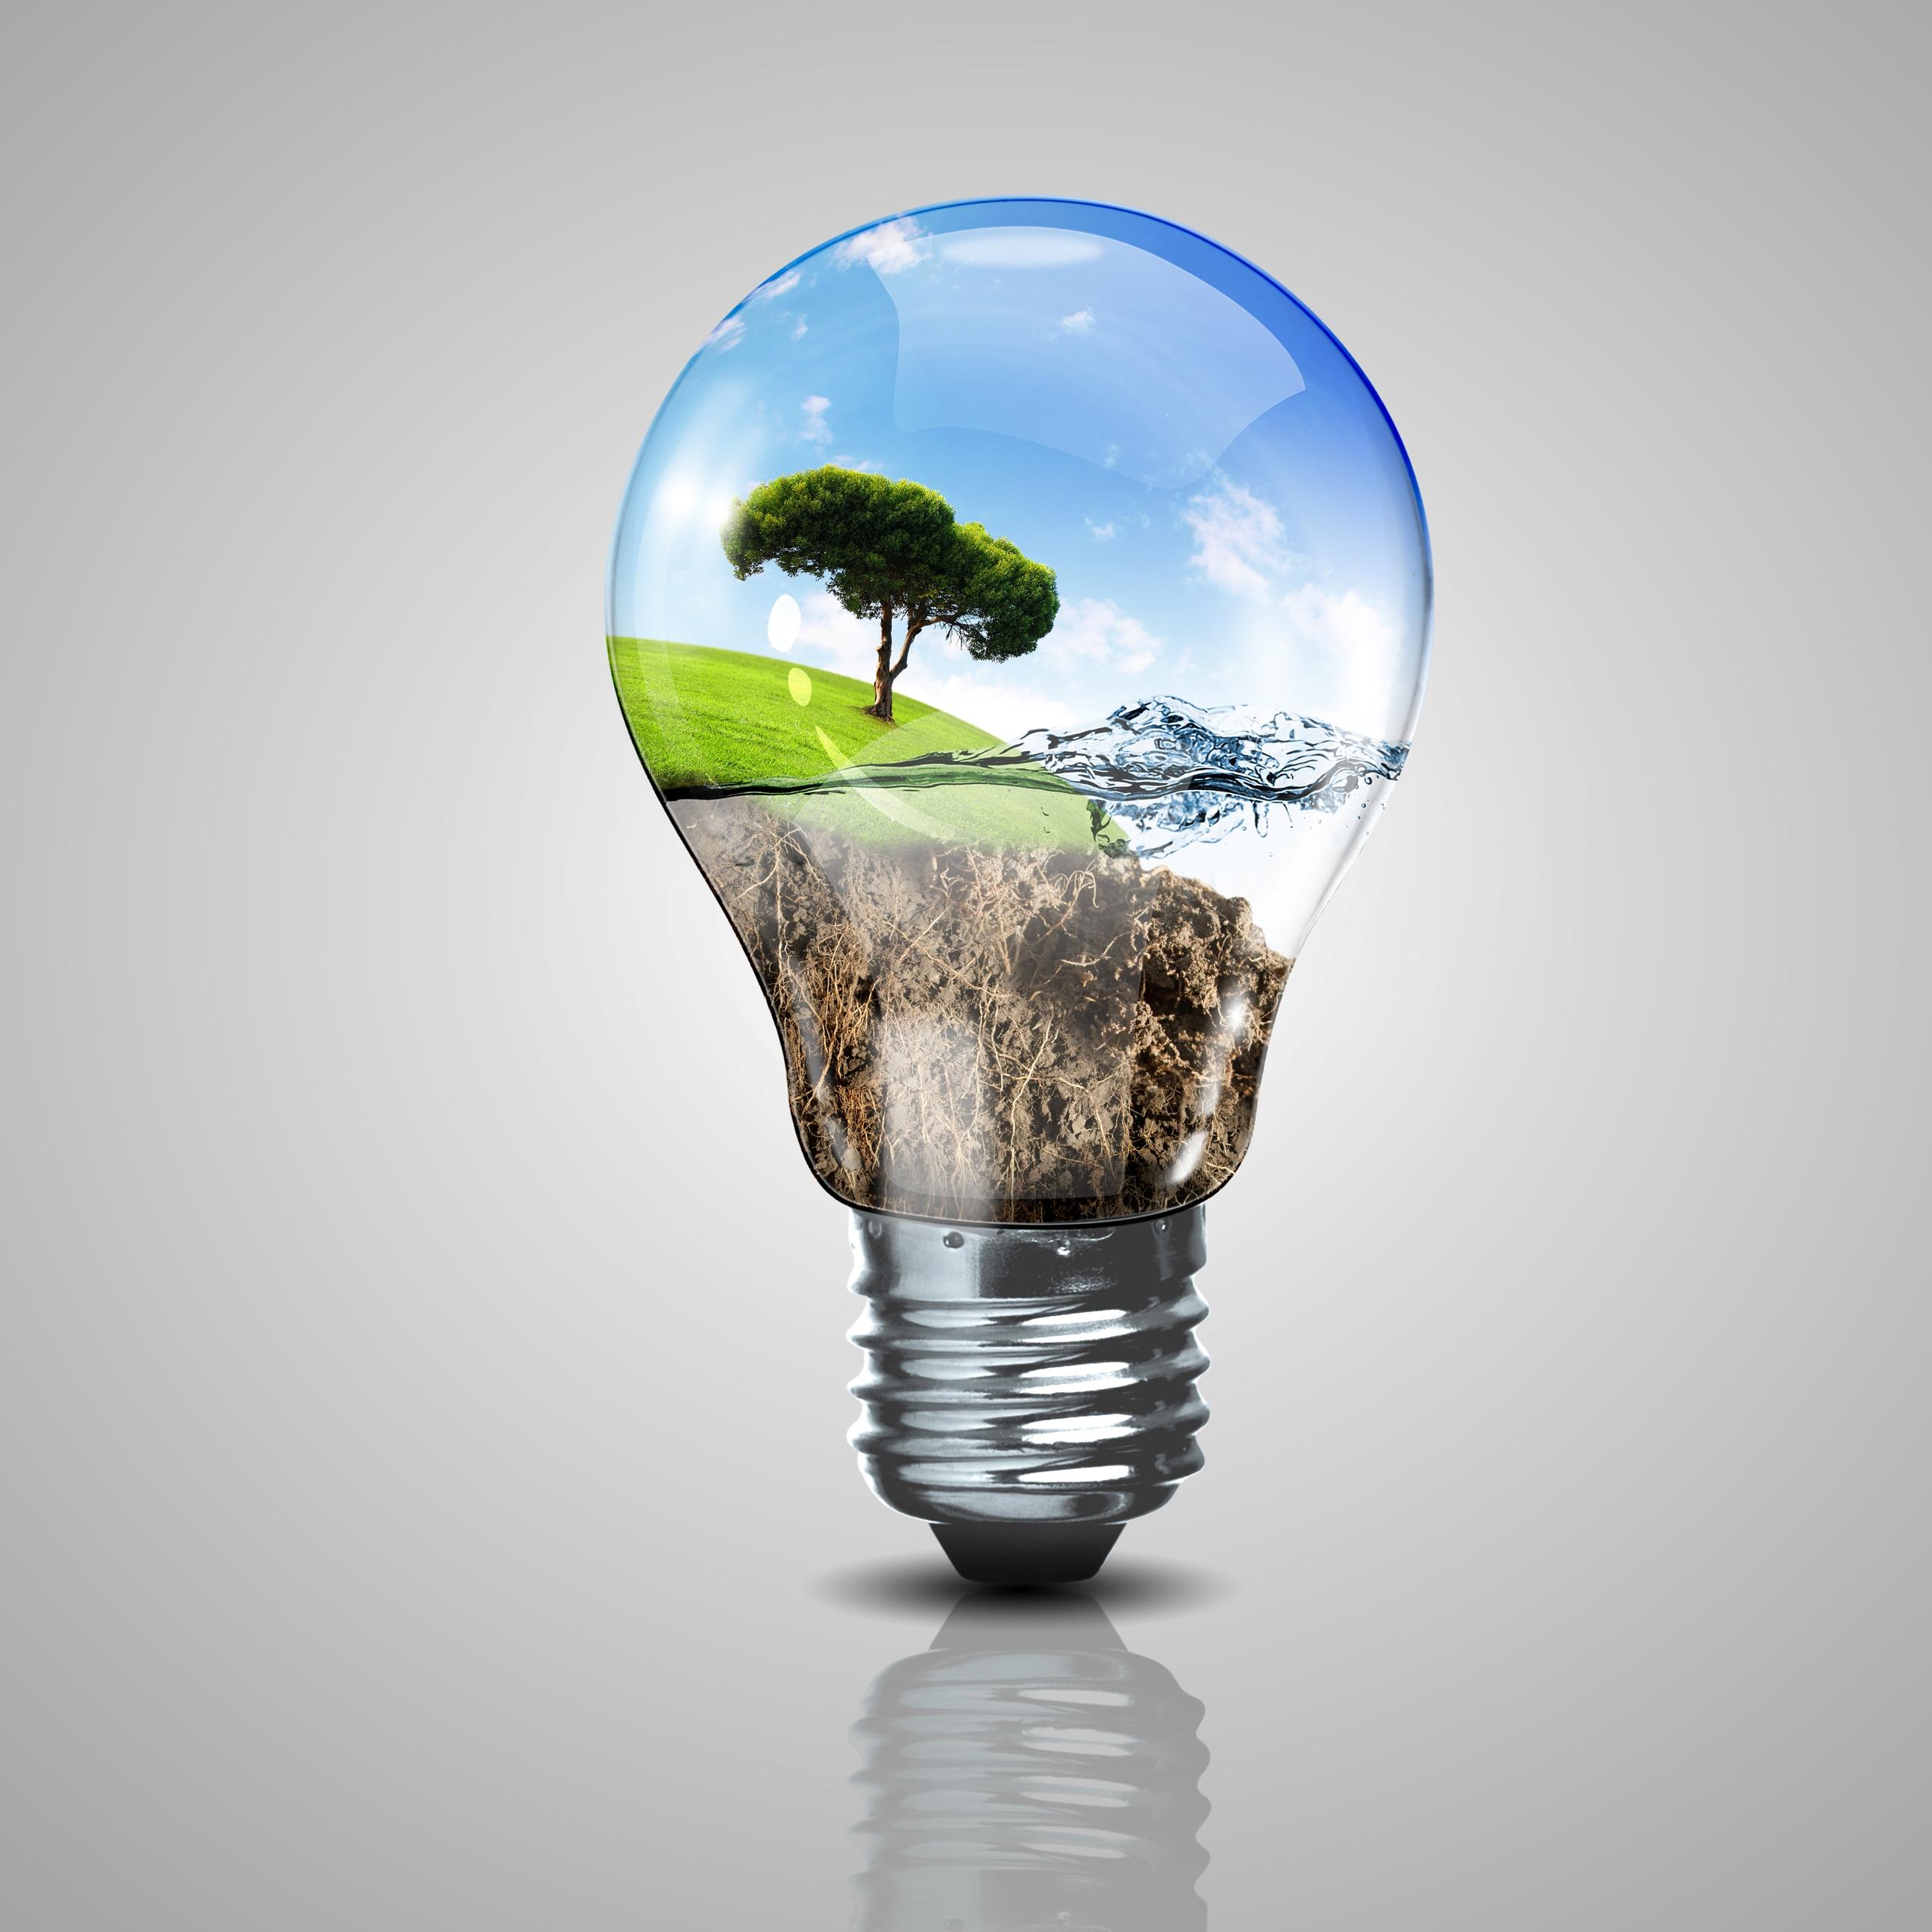 Strategie energetyczne    -   która koncepcja jest słuszna ?